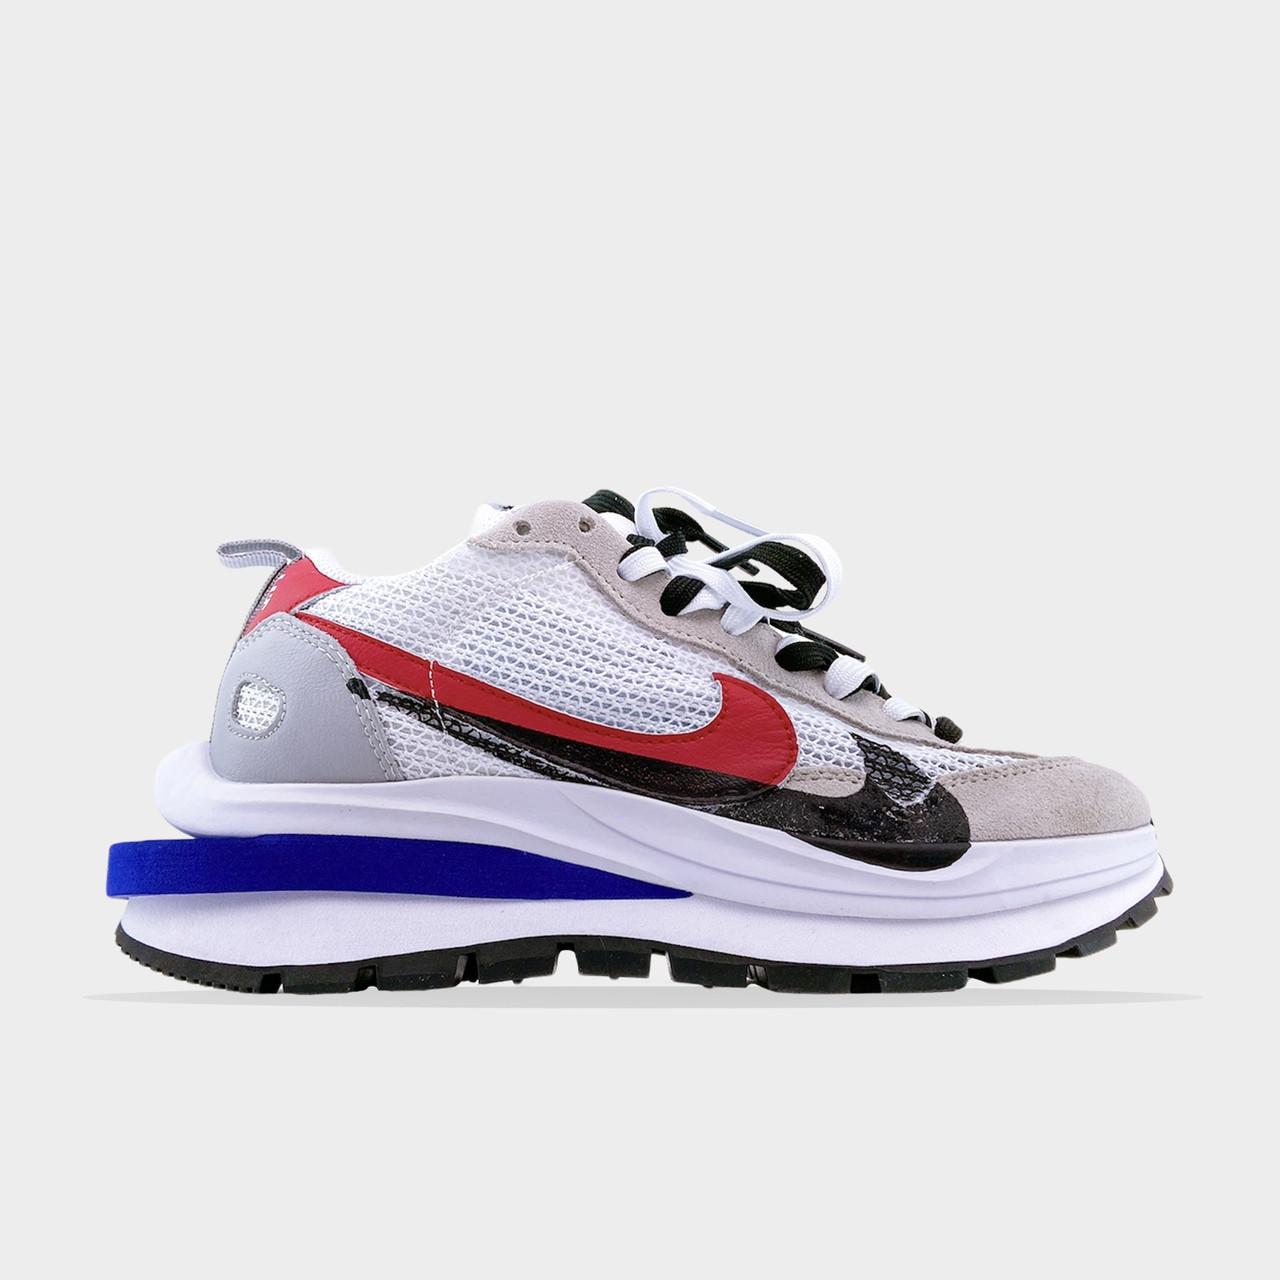 Nike женские демисезонные белые кроссовки на шнурках. Летние женские текстильные кроссы